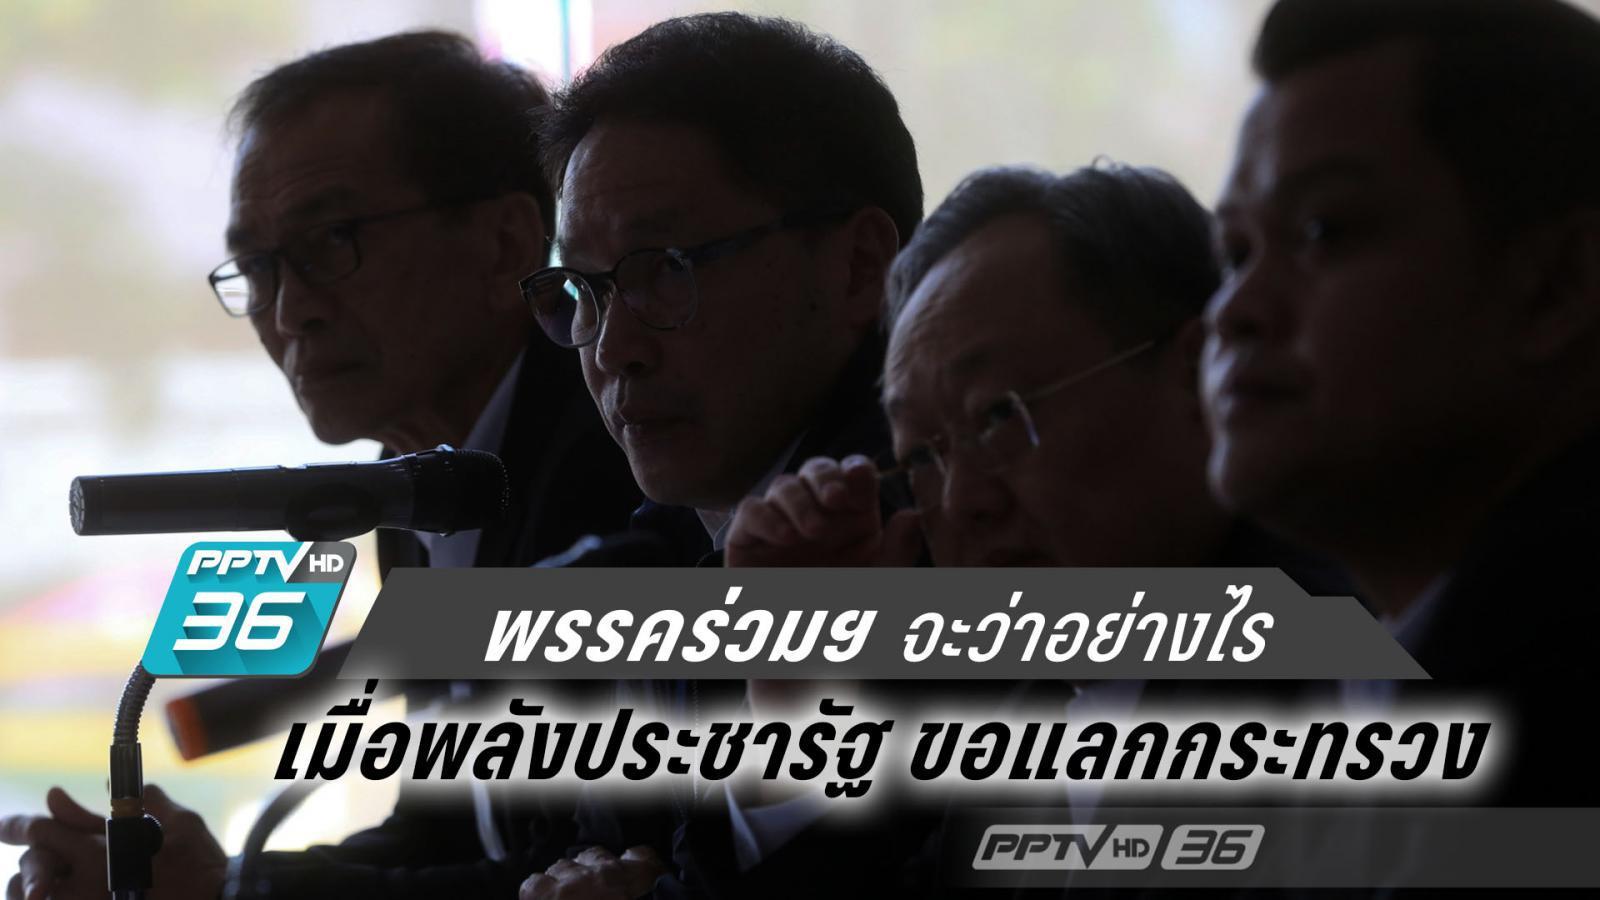 """ข้อเสนอใหม่ """"พลังประชารัฐ"""" ไม่ให้ """"คมนาคม"""" กับภูมิใจไทยแล้ว เปลี่ยนเป็น """"พลังงาน"""" แทน"""